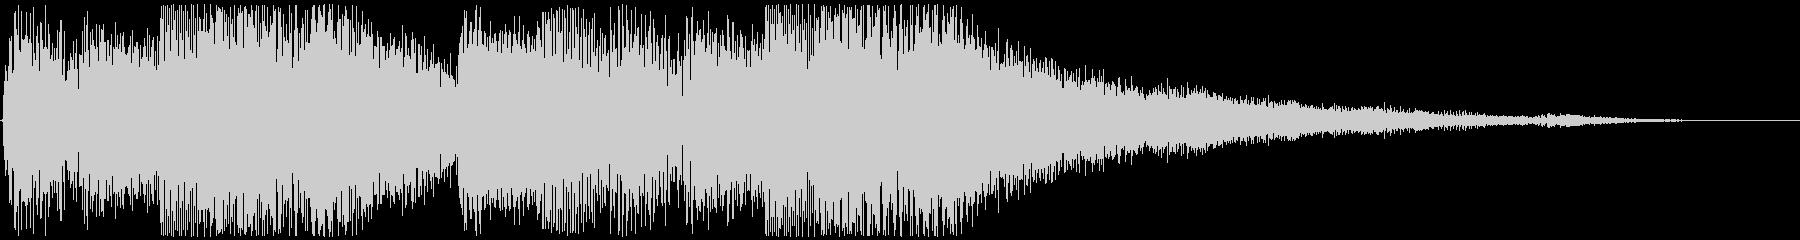 Flowing piano sound logo's unreproduced waveform